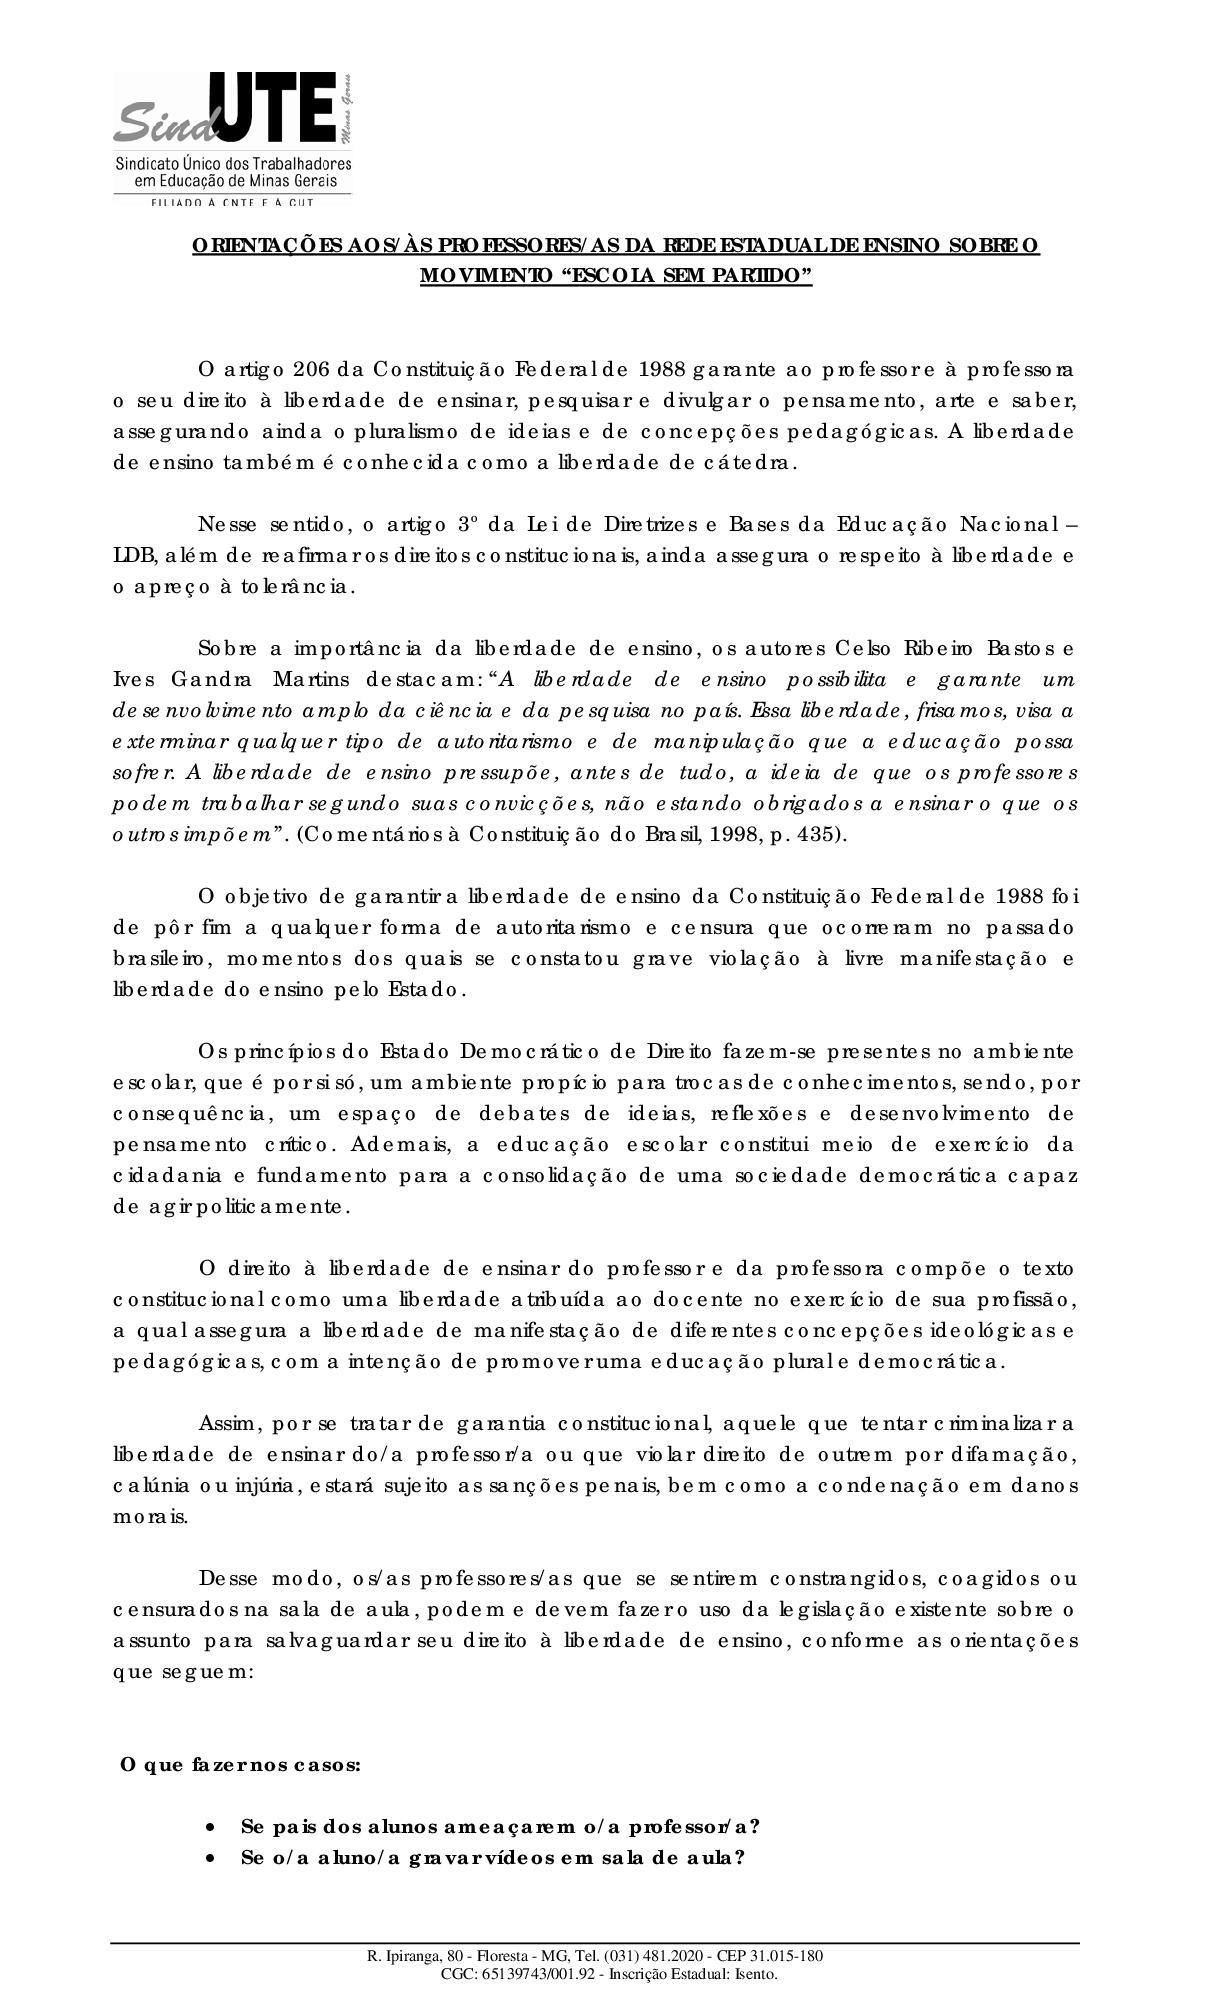 Beatriz Cerqueira desmascara mentiras espalhadas pelos defensores do Escola Sem Partido; veja